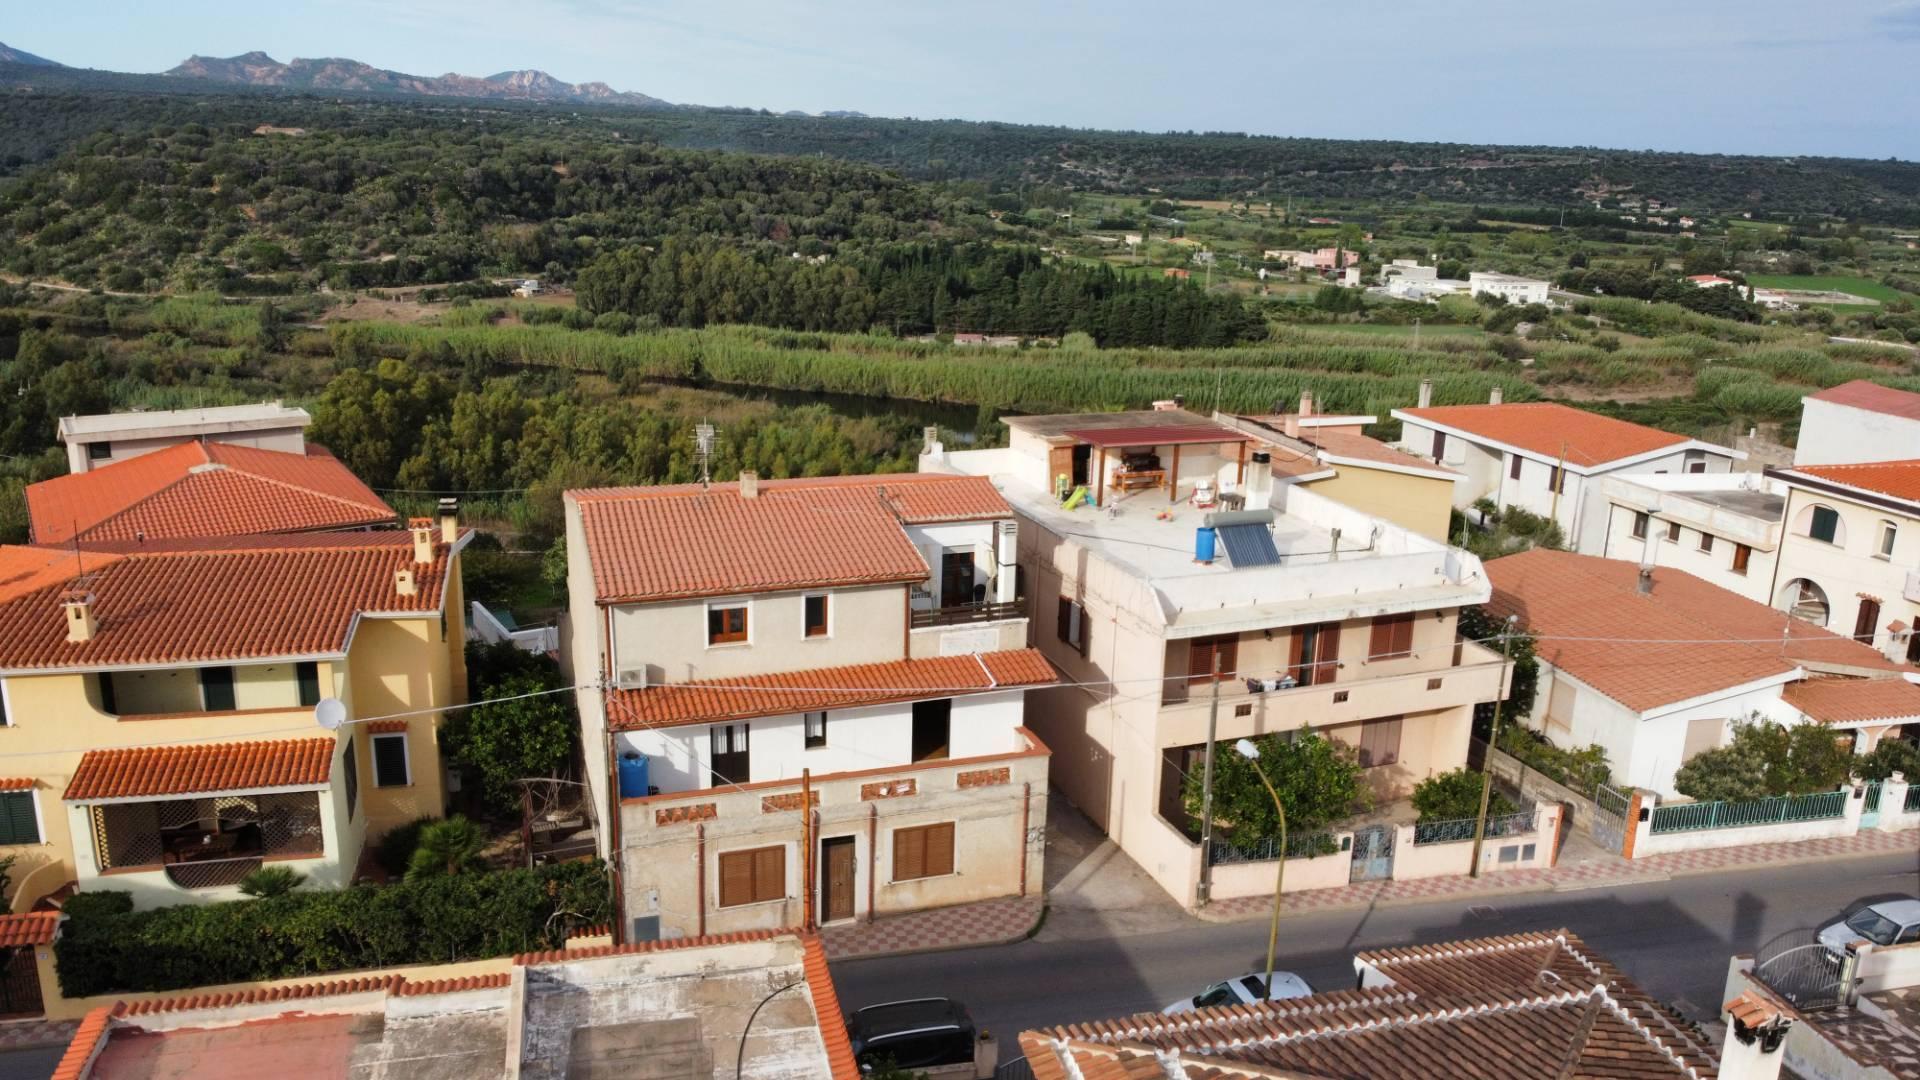 Appartamento in vendita a Orosei, 3 locali, prezzo € 120.000 | PortaleAgenzieImmobiliari.it